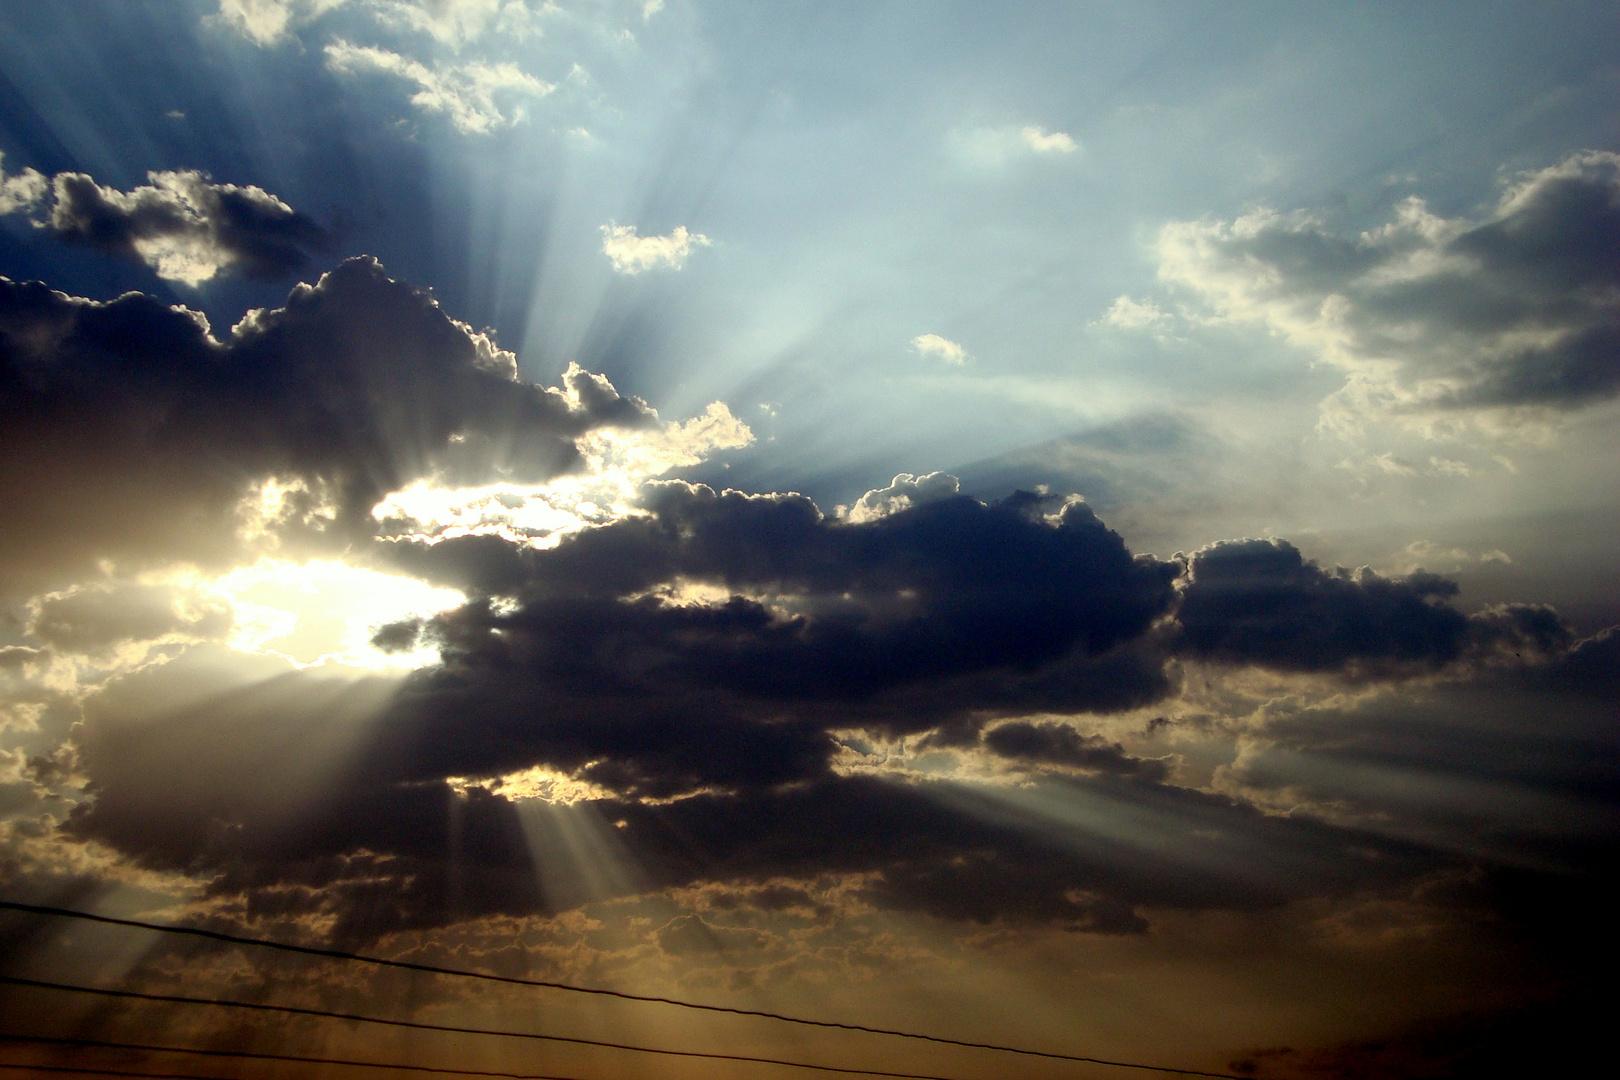 UN CIELO LUMINOSO Imagen & Foto | cielo y universo, naturaleza Fotos de fotocommunity